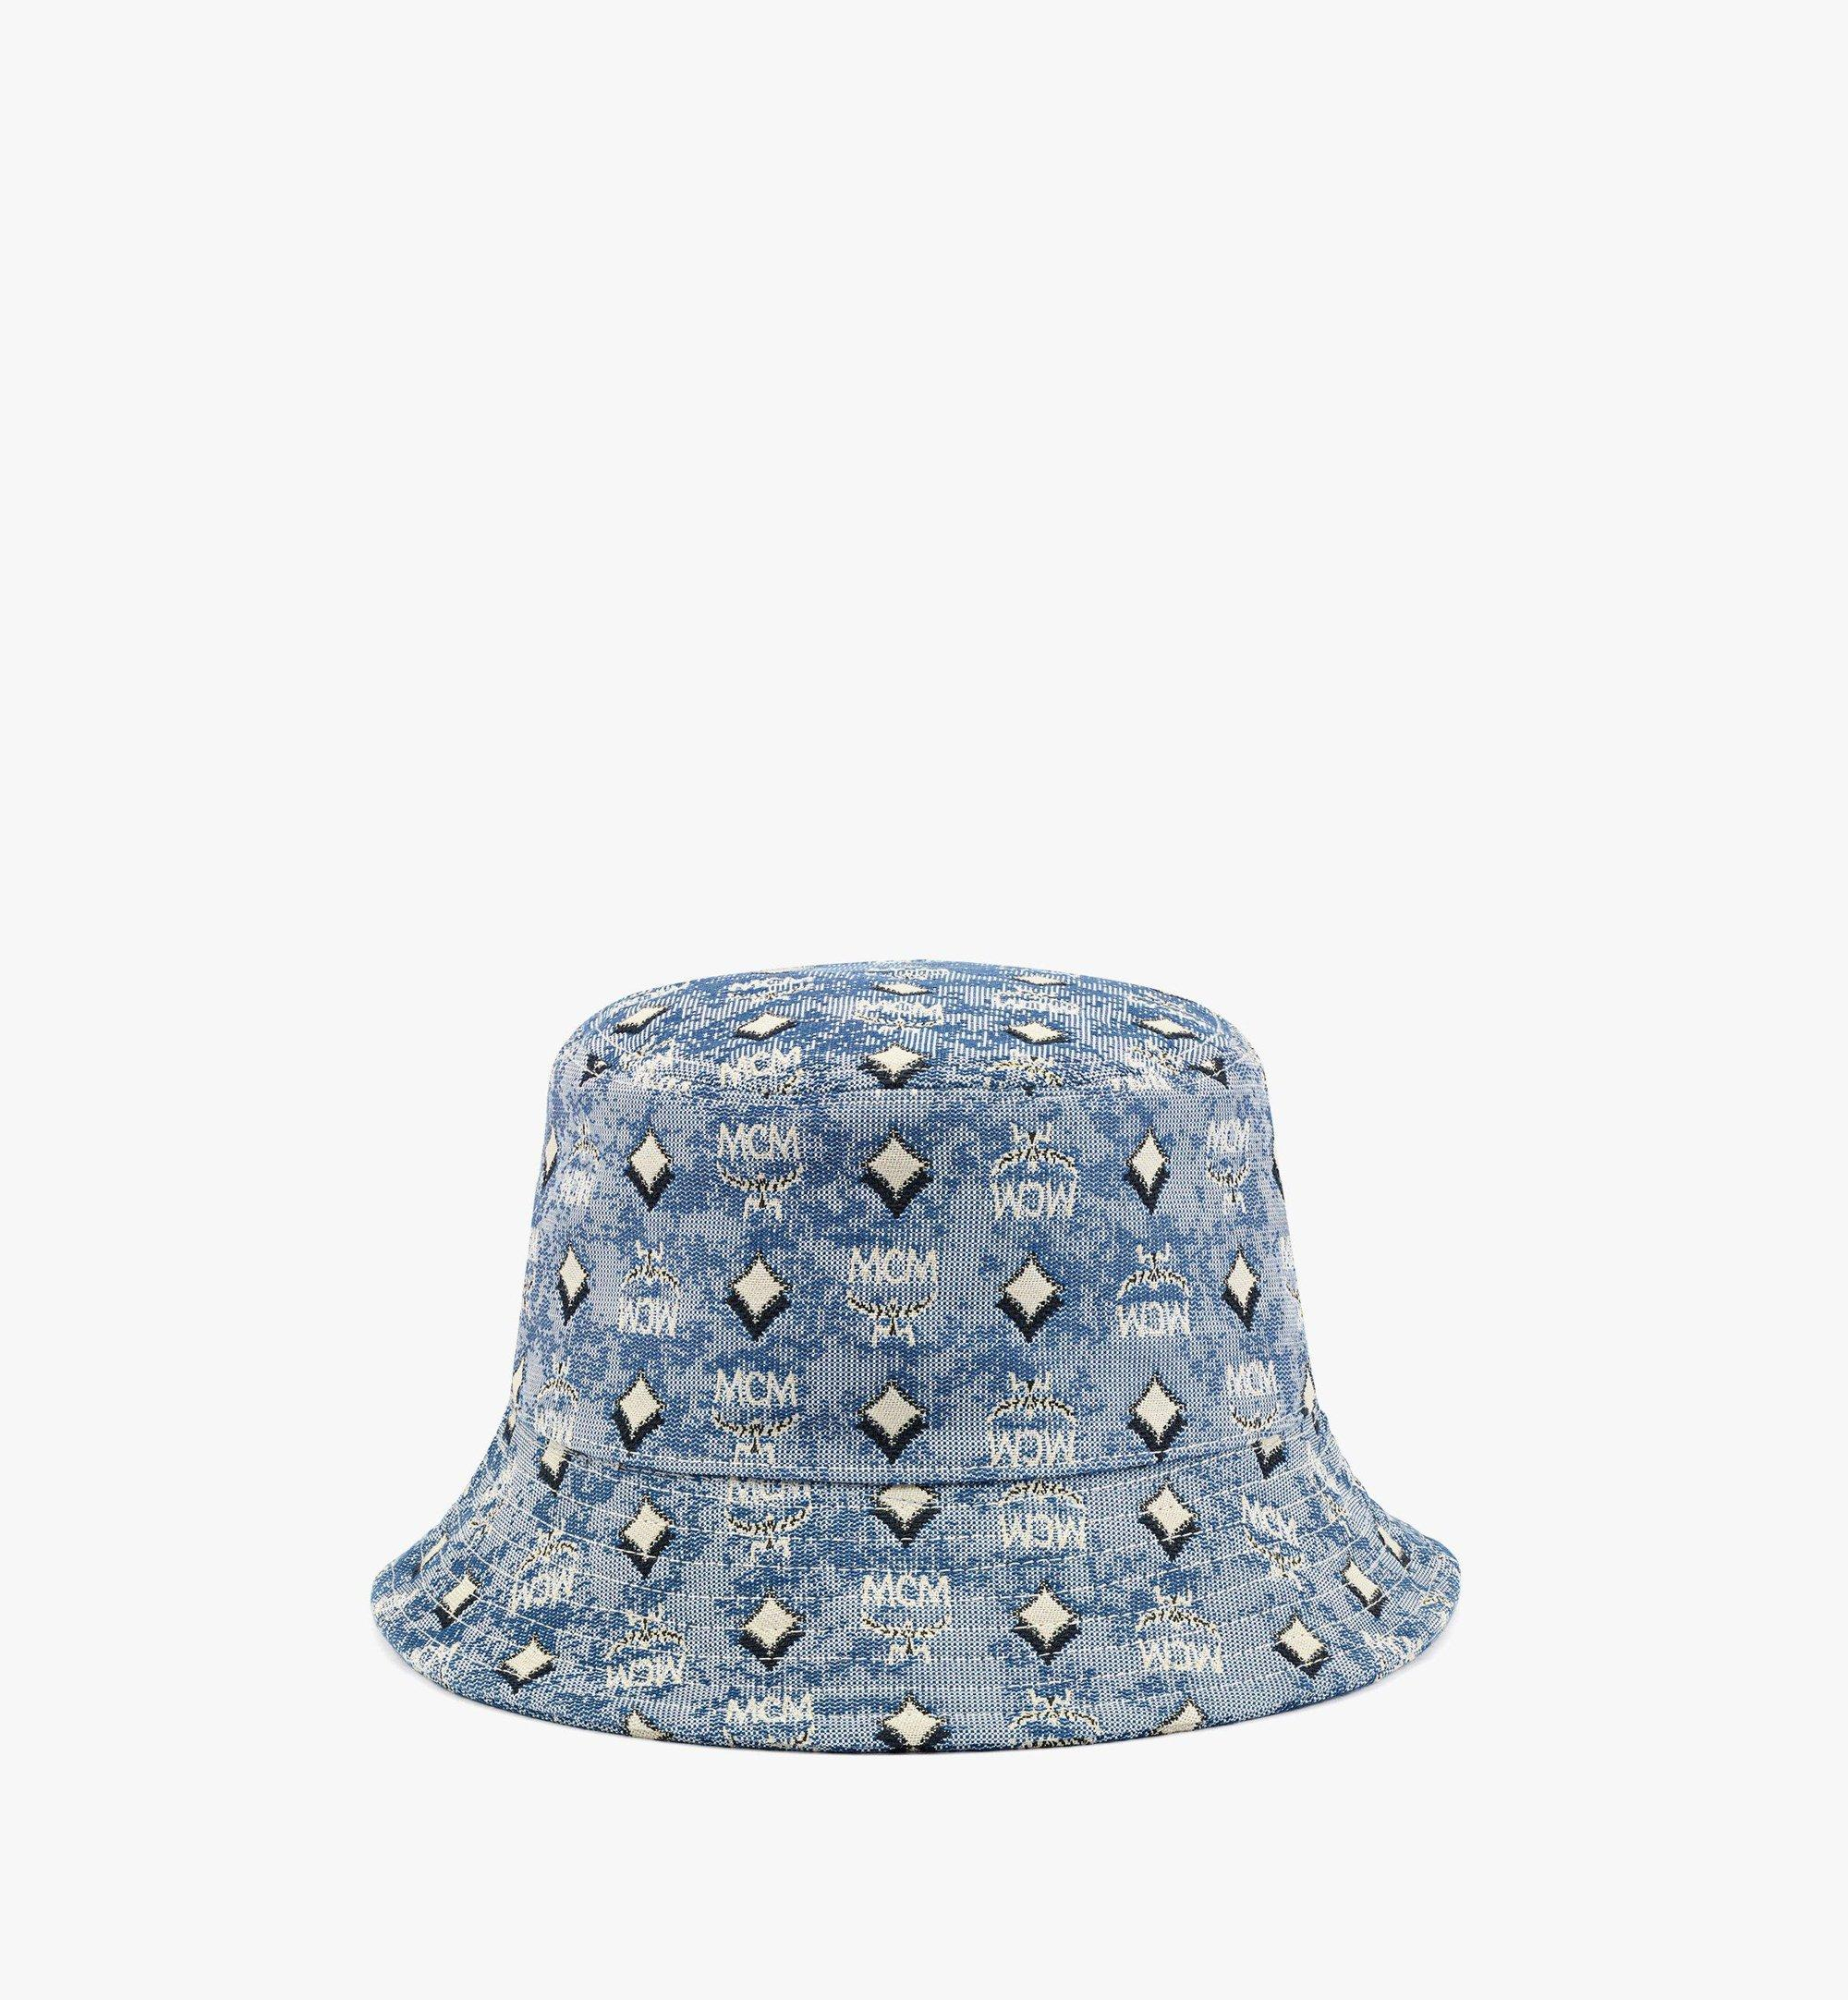 MCM Bucket Hat in Vintage Jacquard Monogram Blue MEHBATQ01LU001 Alternate View 1